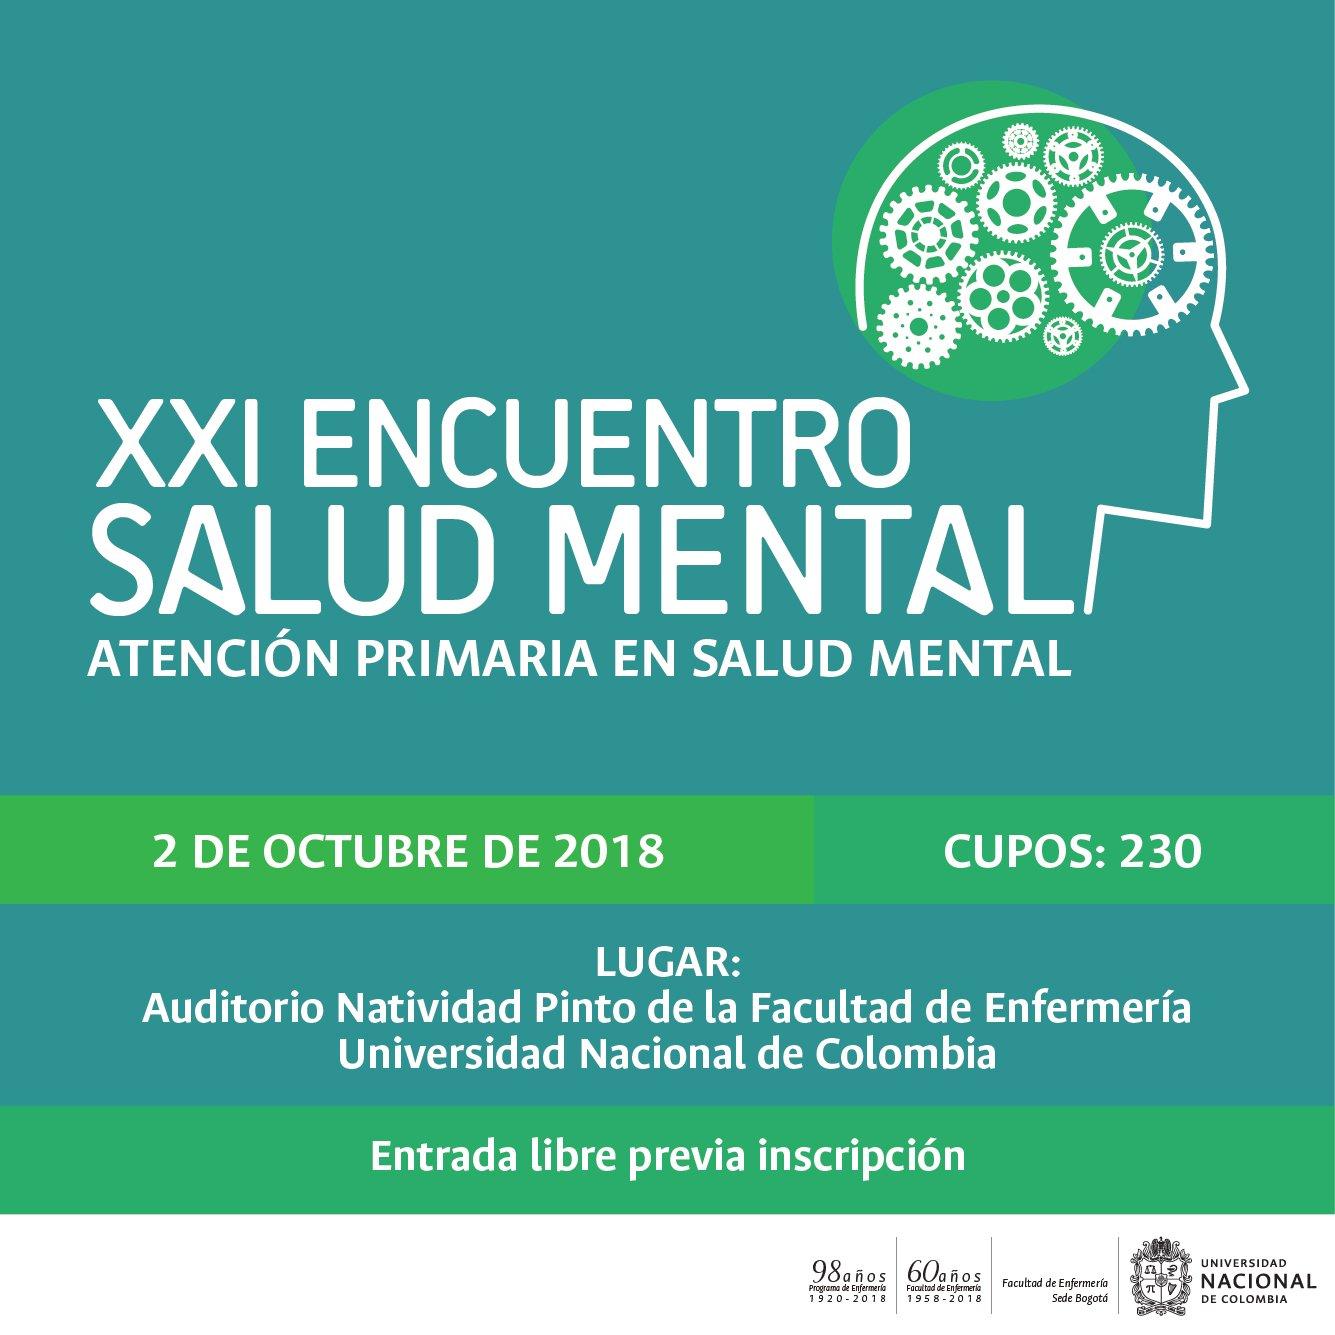 XXI Encuentro de Salud Mental - Atención primaria en salud mental